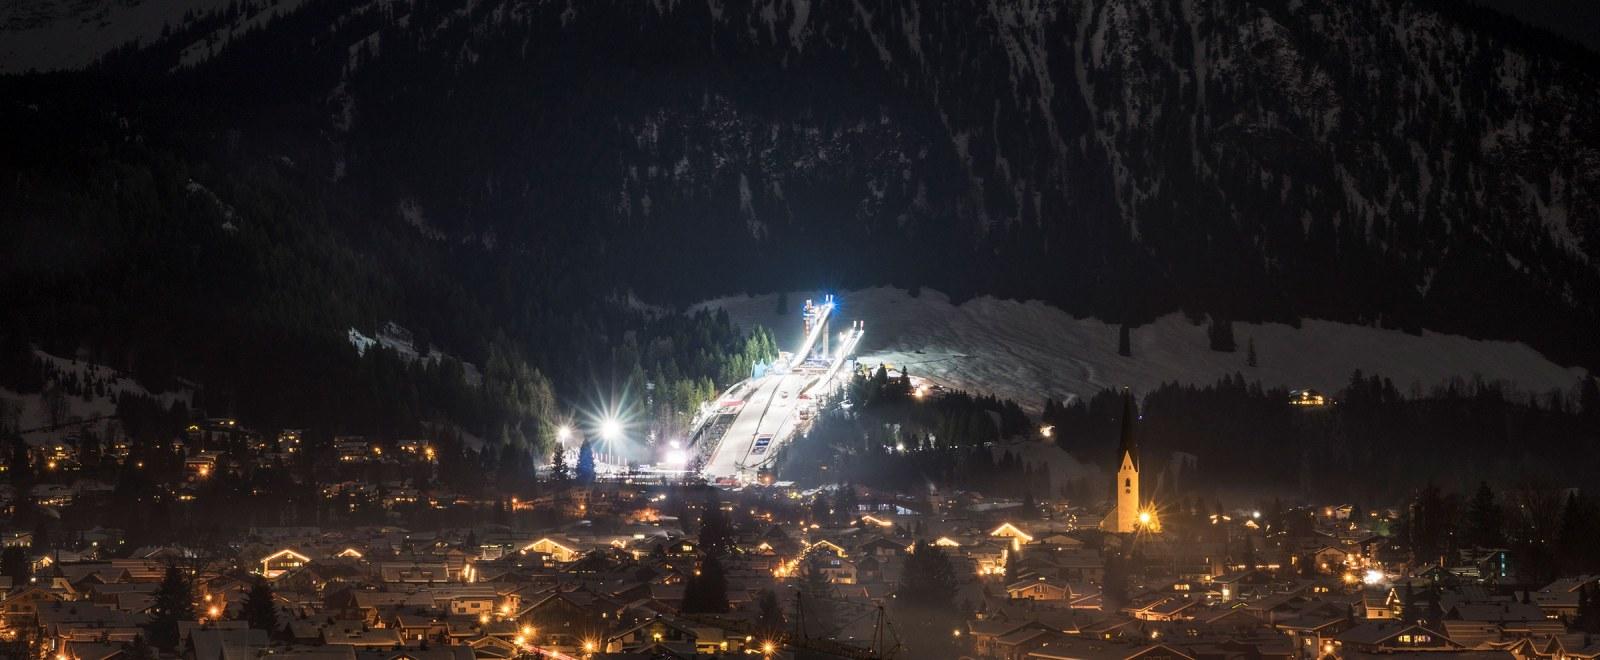 Nachtaufnahme des Skisprungstadions am Schattenberg in Oberstdorf